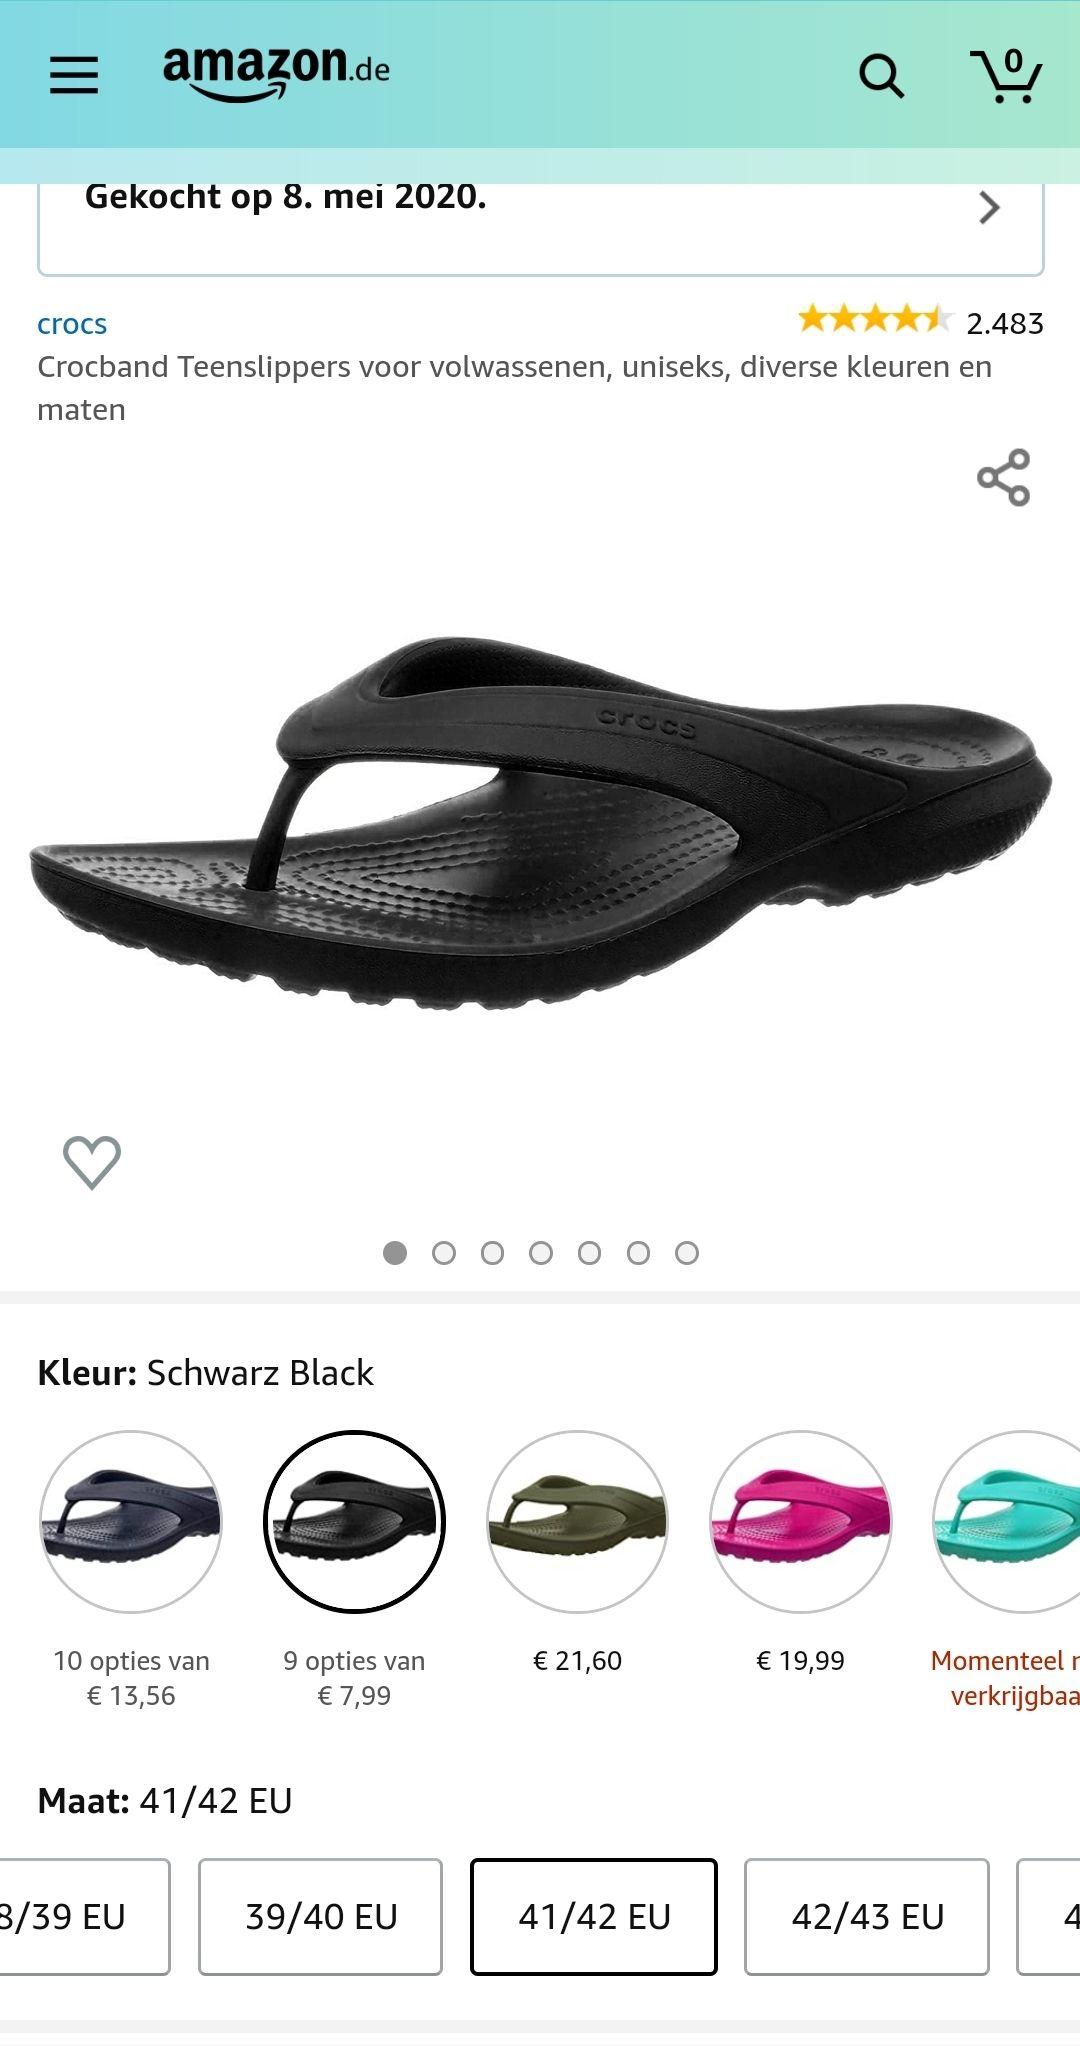 Crocs Crocband Teenslippers €8,12 @ Amazon.de